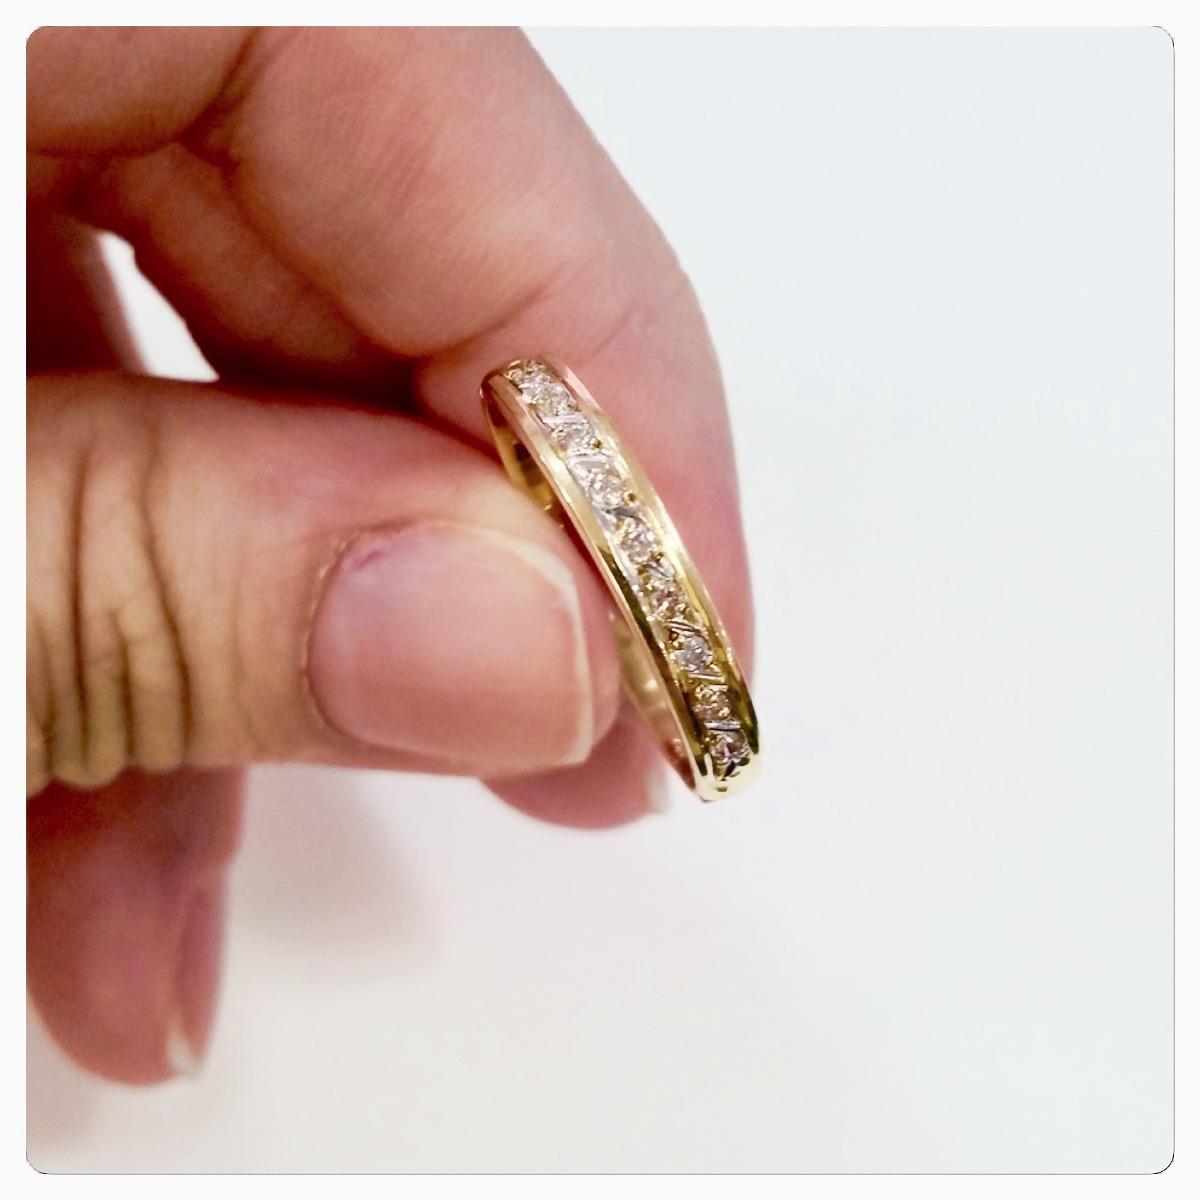 b1b9e763009f8 anel de ouro 18k meia aliança pedra zircônias brilhantes. Carregando zoom.